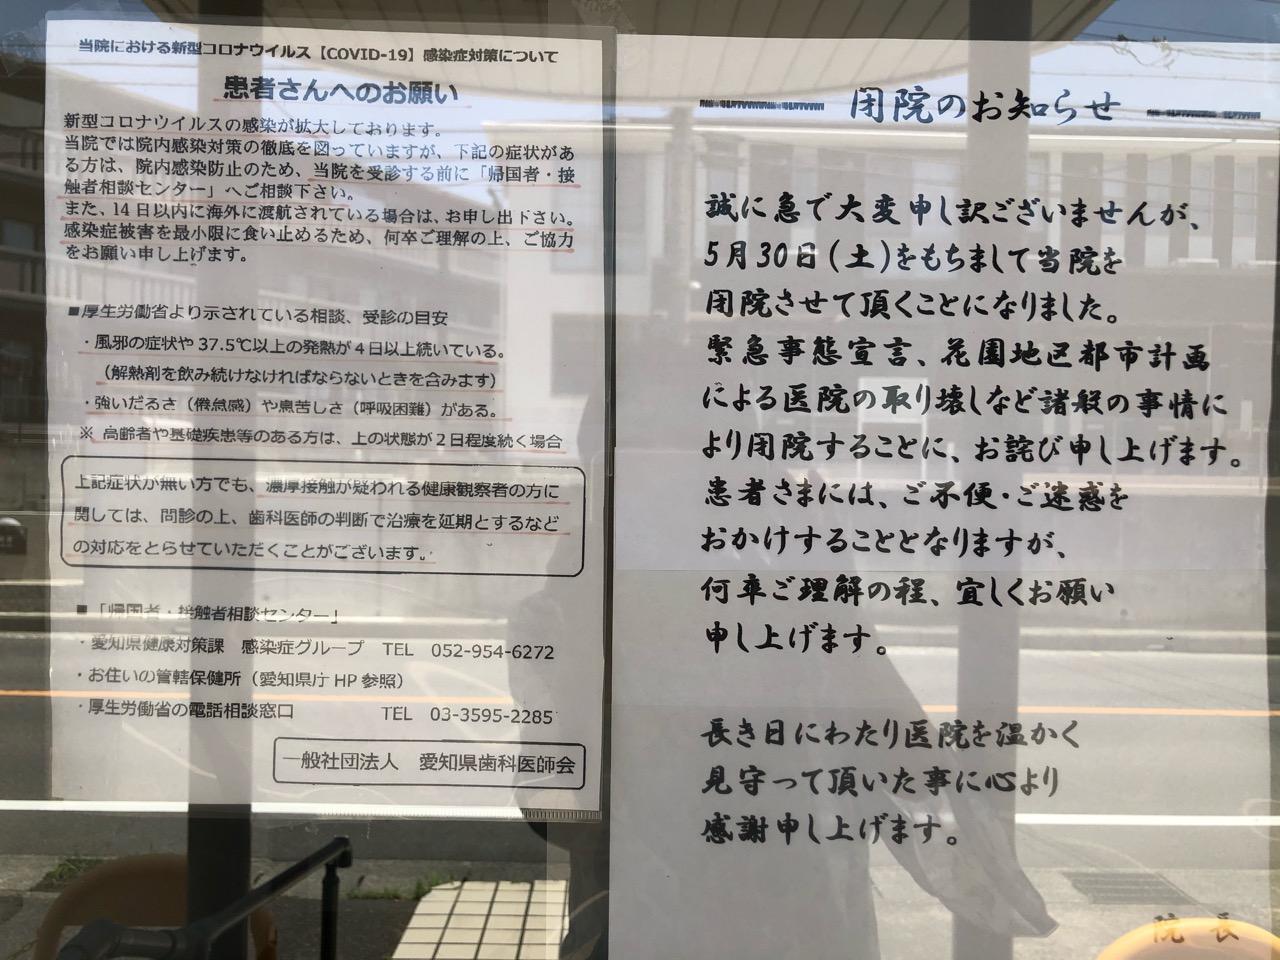 2020年5月30日に閉院した田中歯科